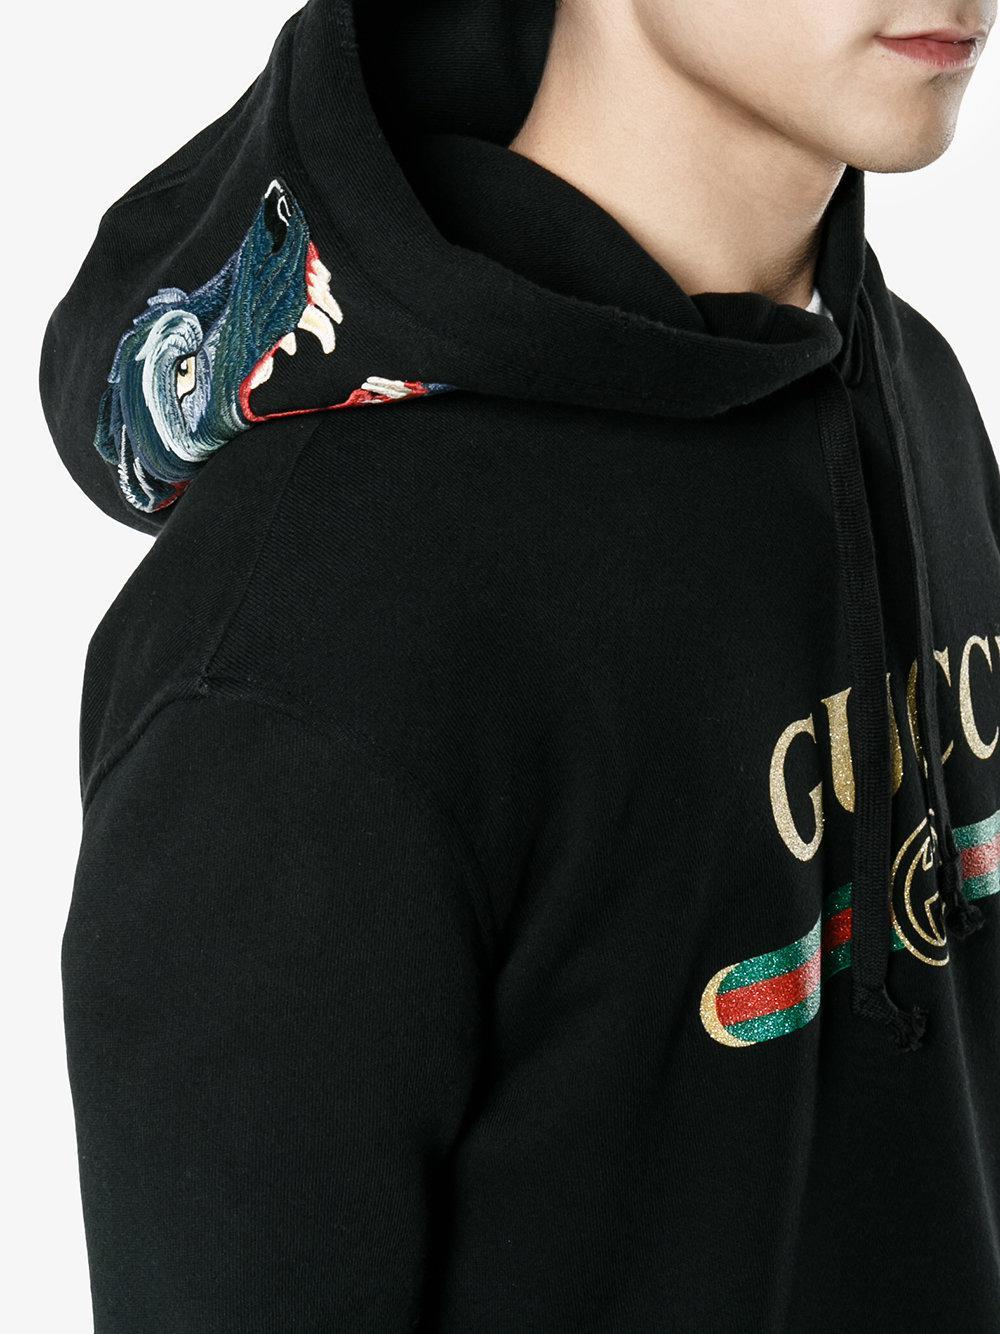 check out a1bba 01922 Gucci Black Felpa Con Lupo Ricamato for men